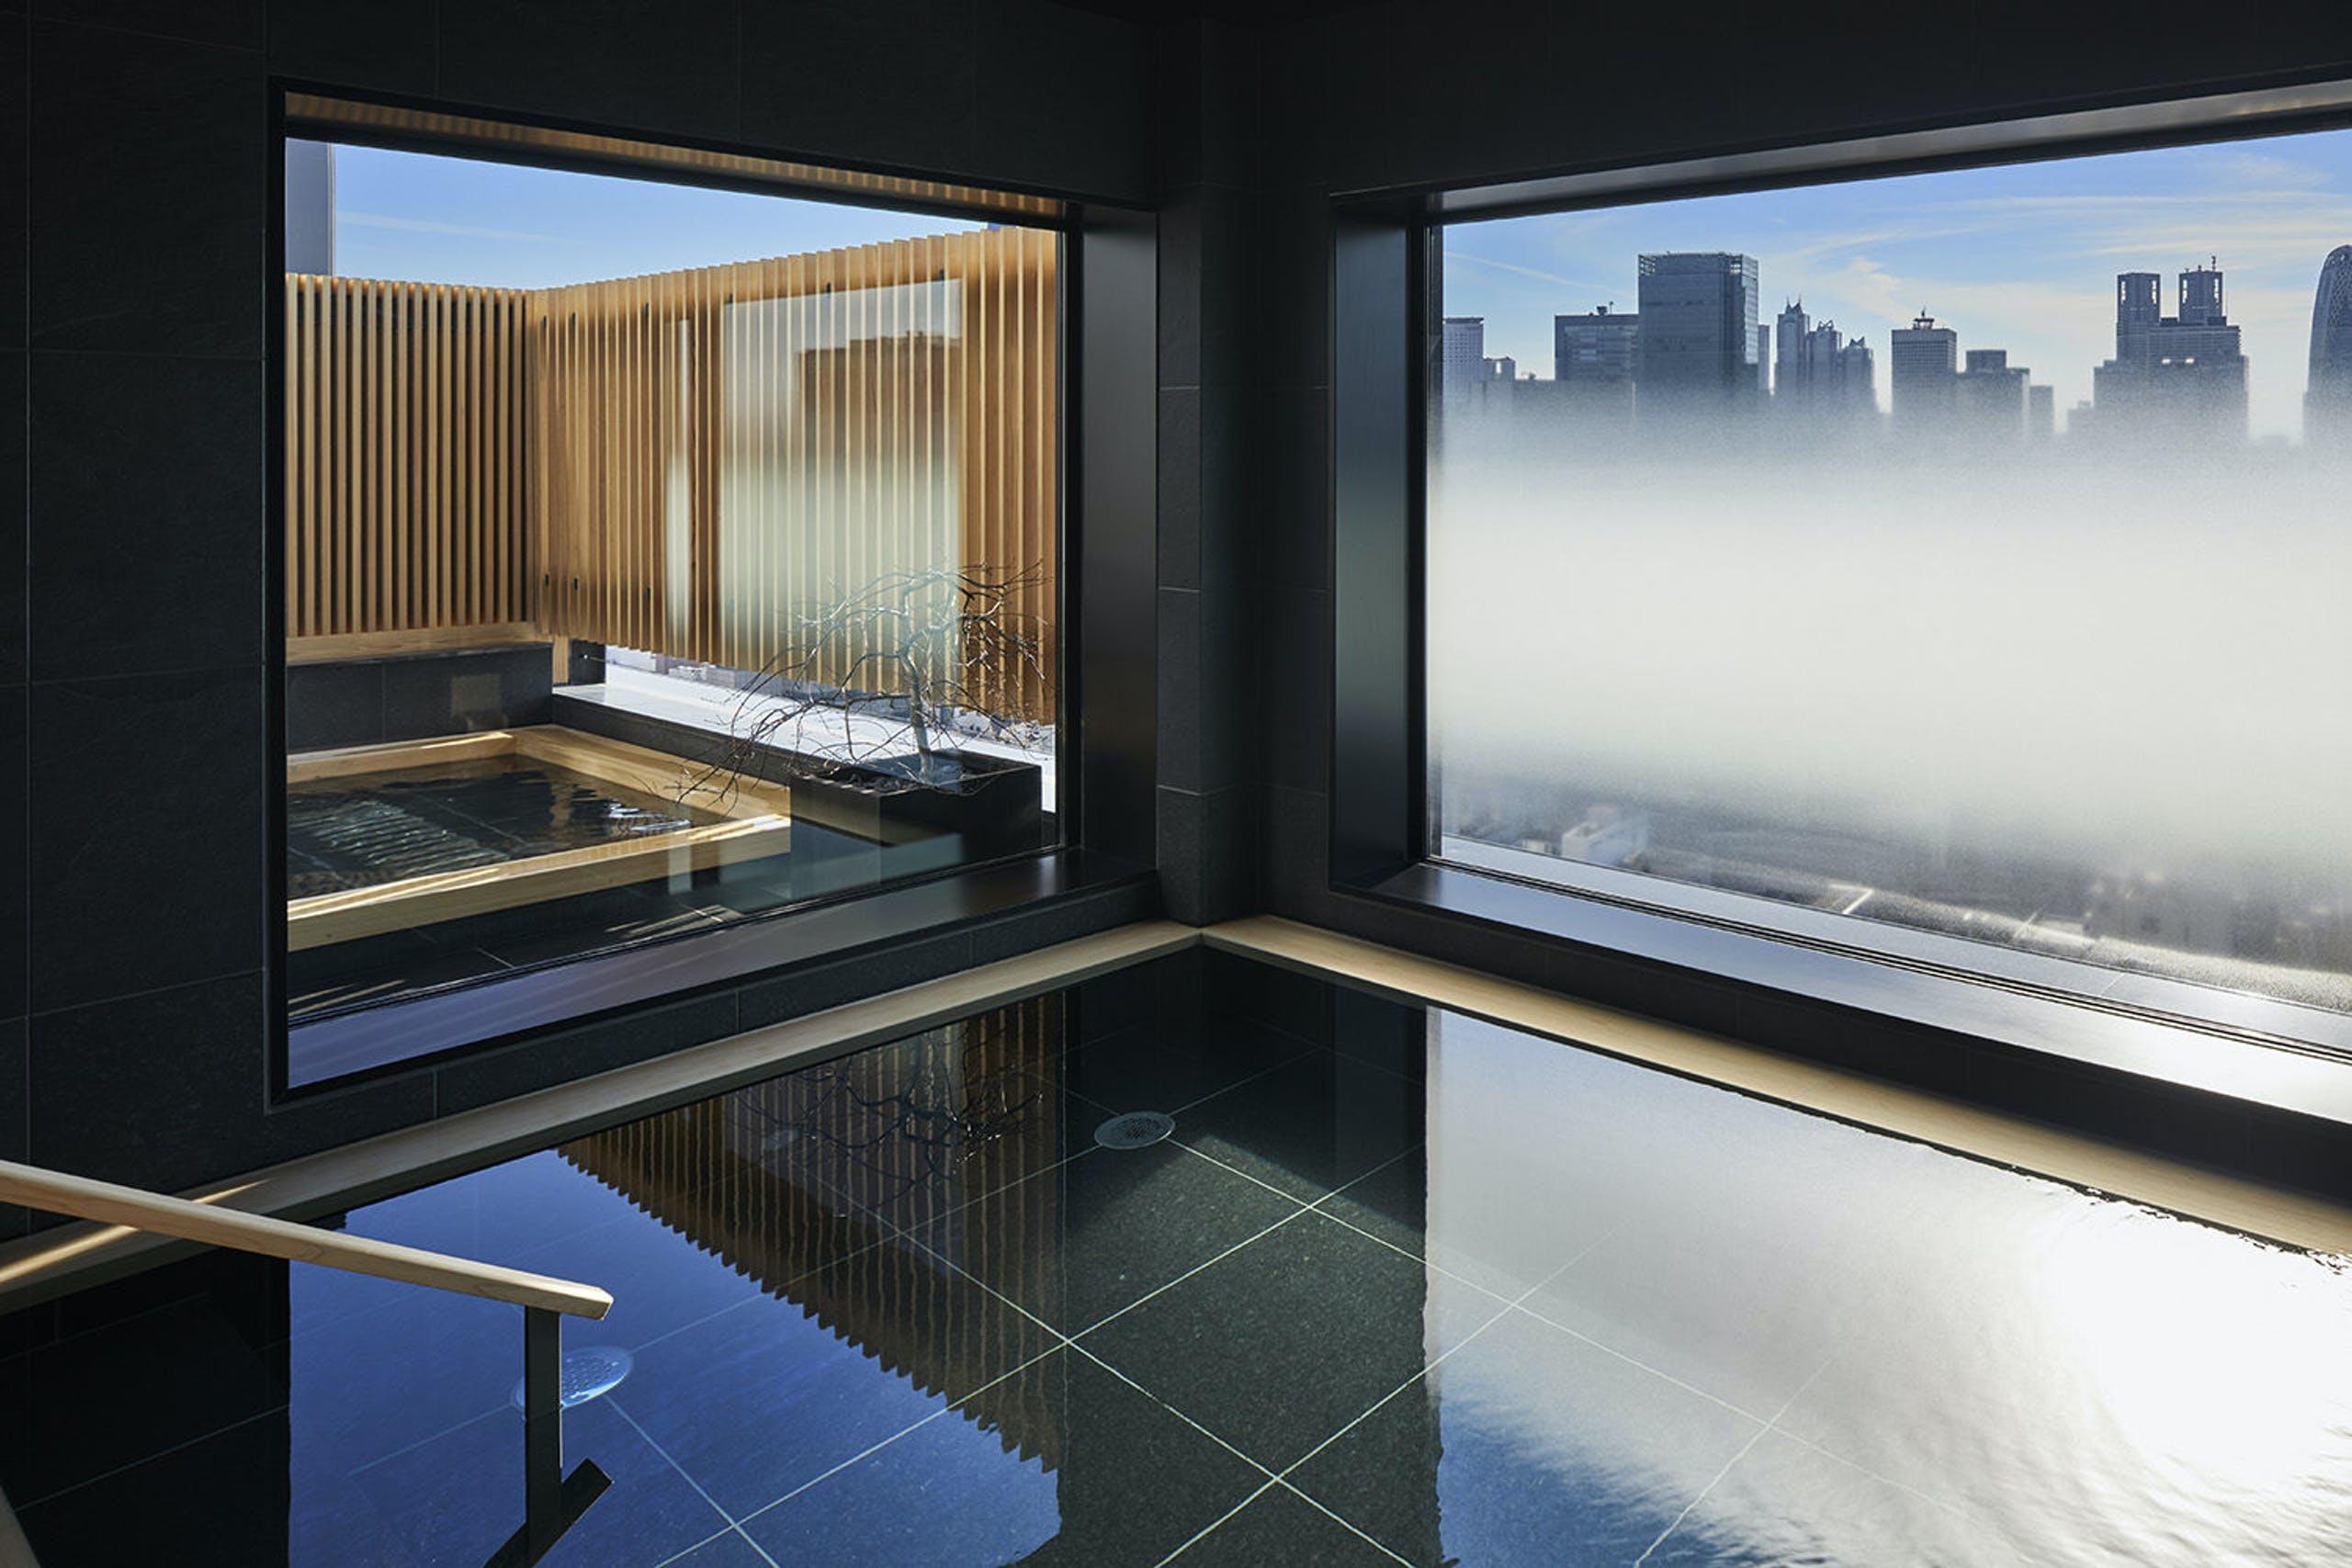 月額7.8万円、9.8万円(税別)といった定額プランで、温泉つき、ラウンジつきなど設備の整ったホテルでの暮らしが実現できます。